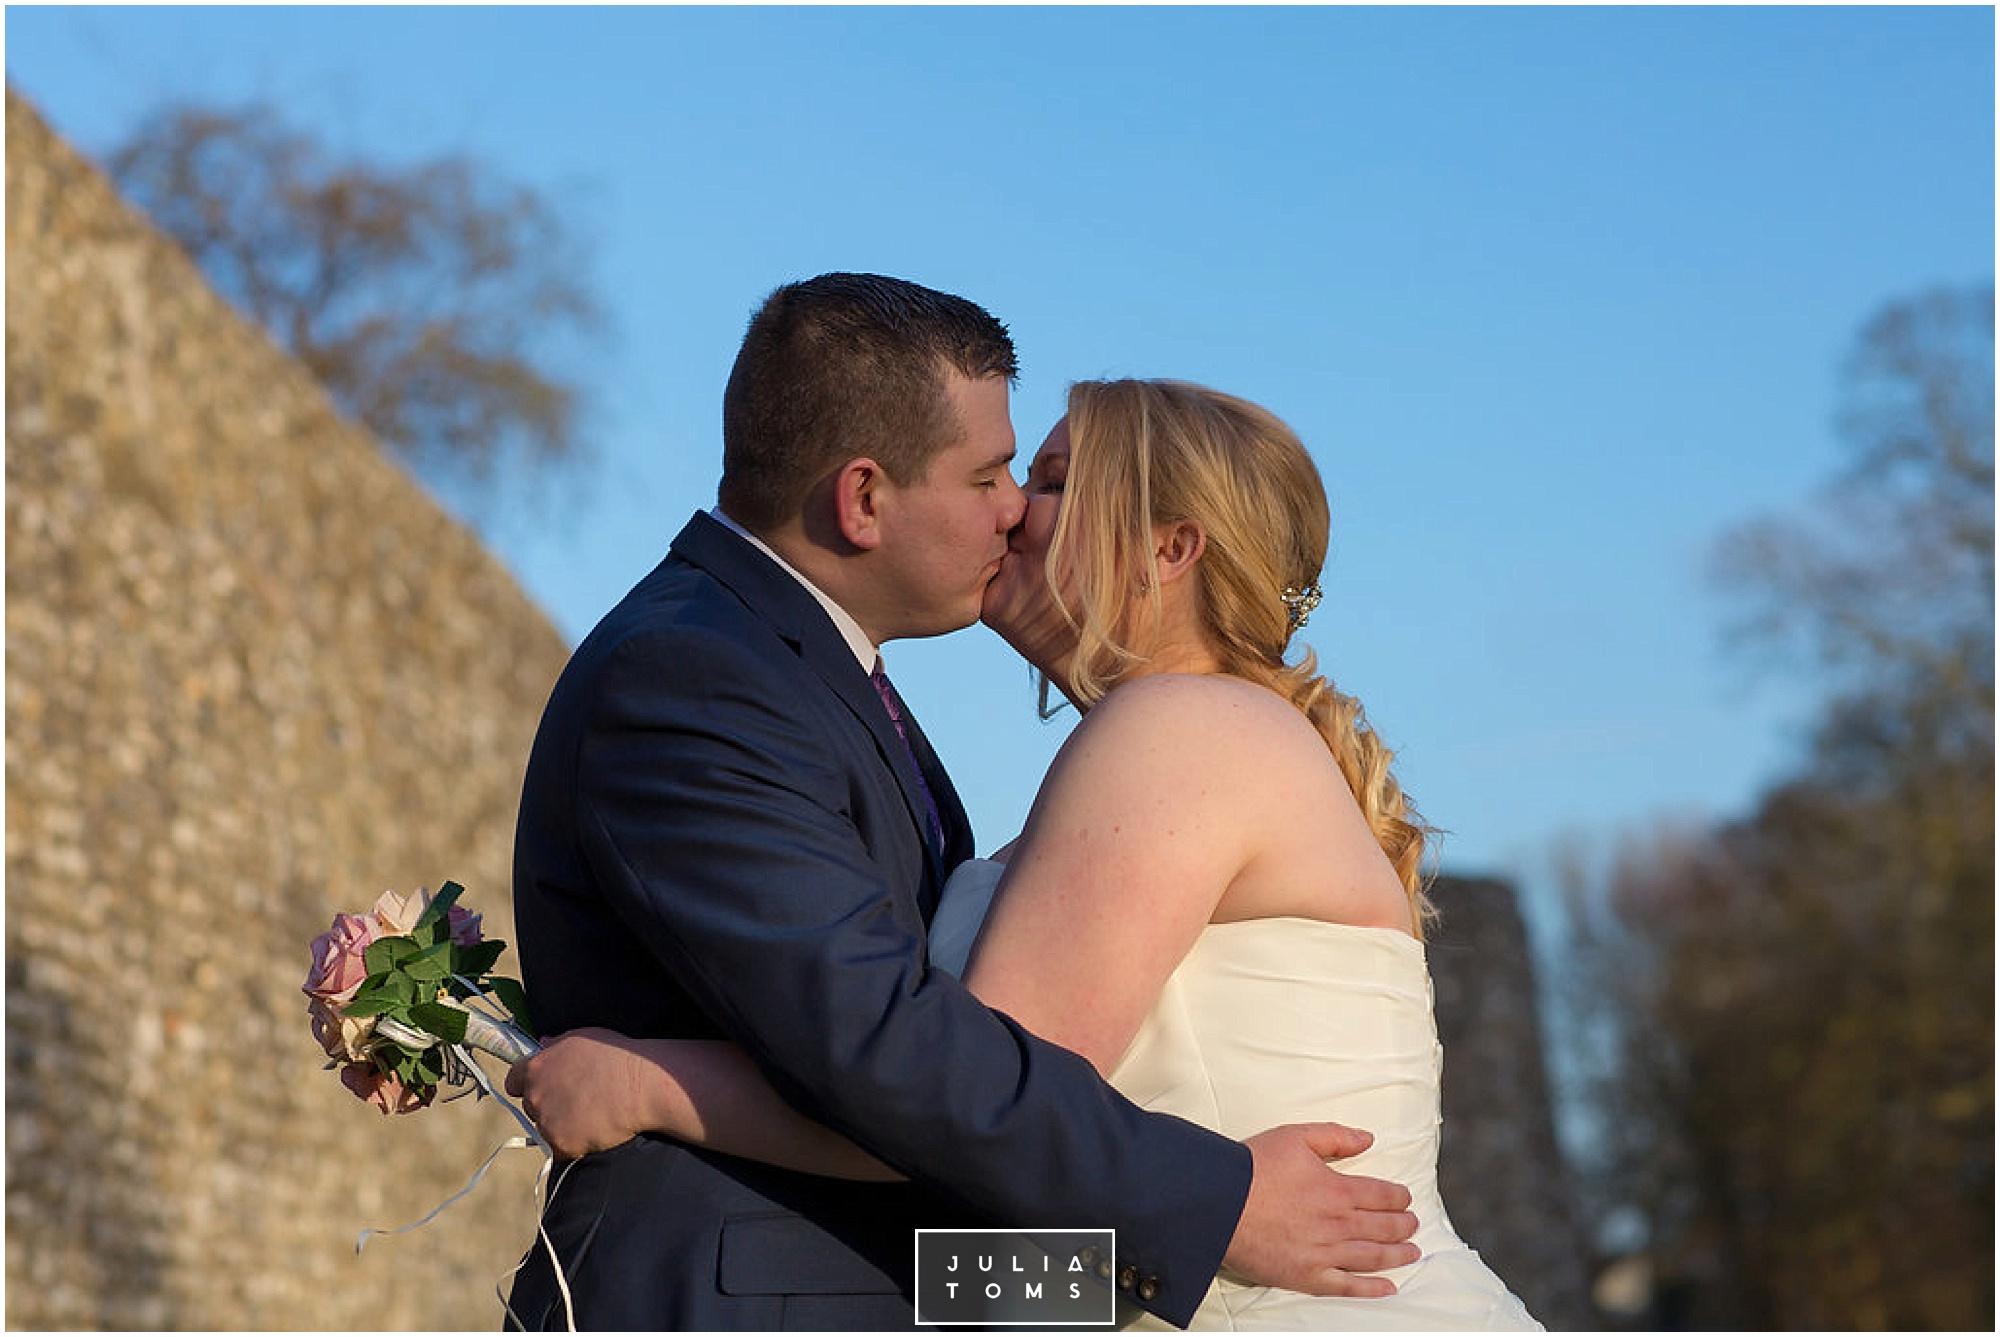 JuliaToms_chichester_wedding_photograher_edes_house_024.jpg